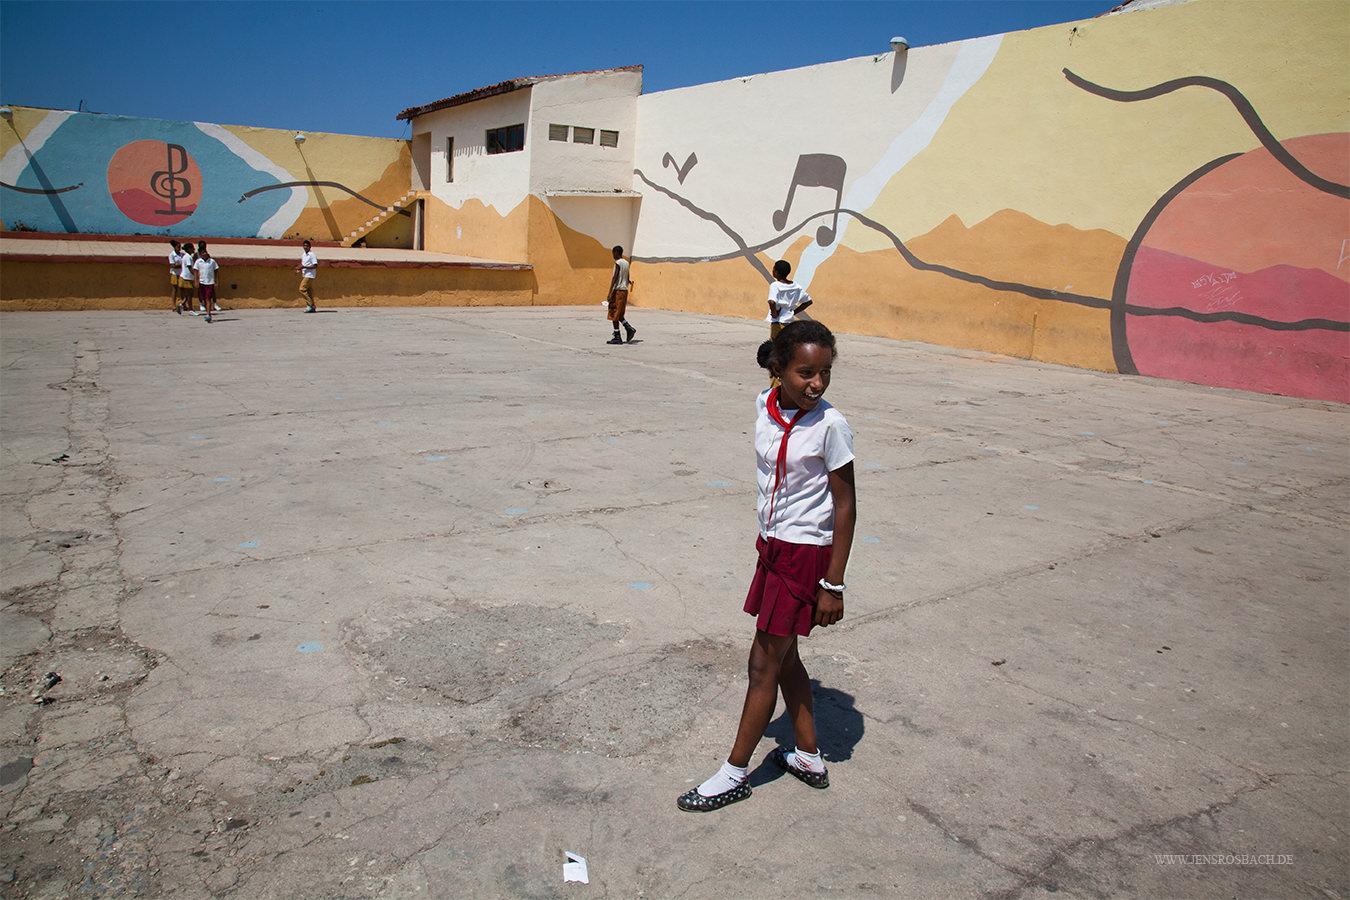 Cuban Schoolyard